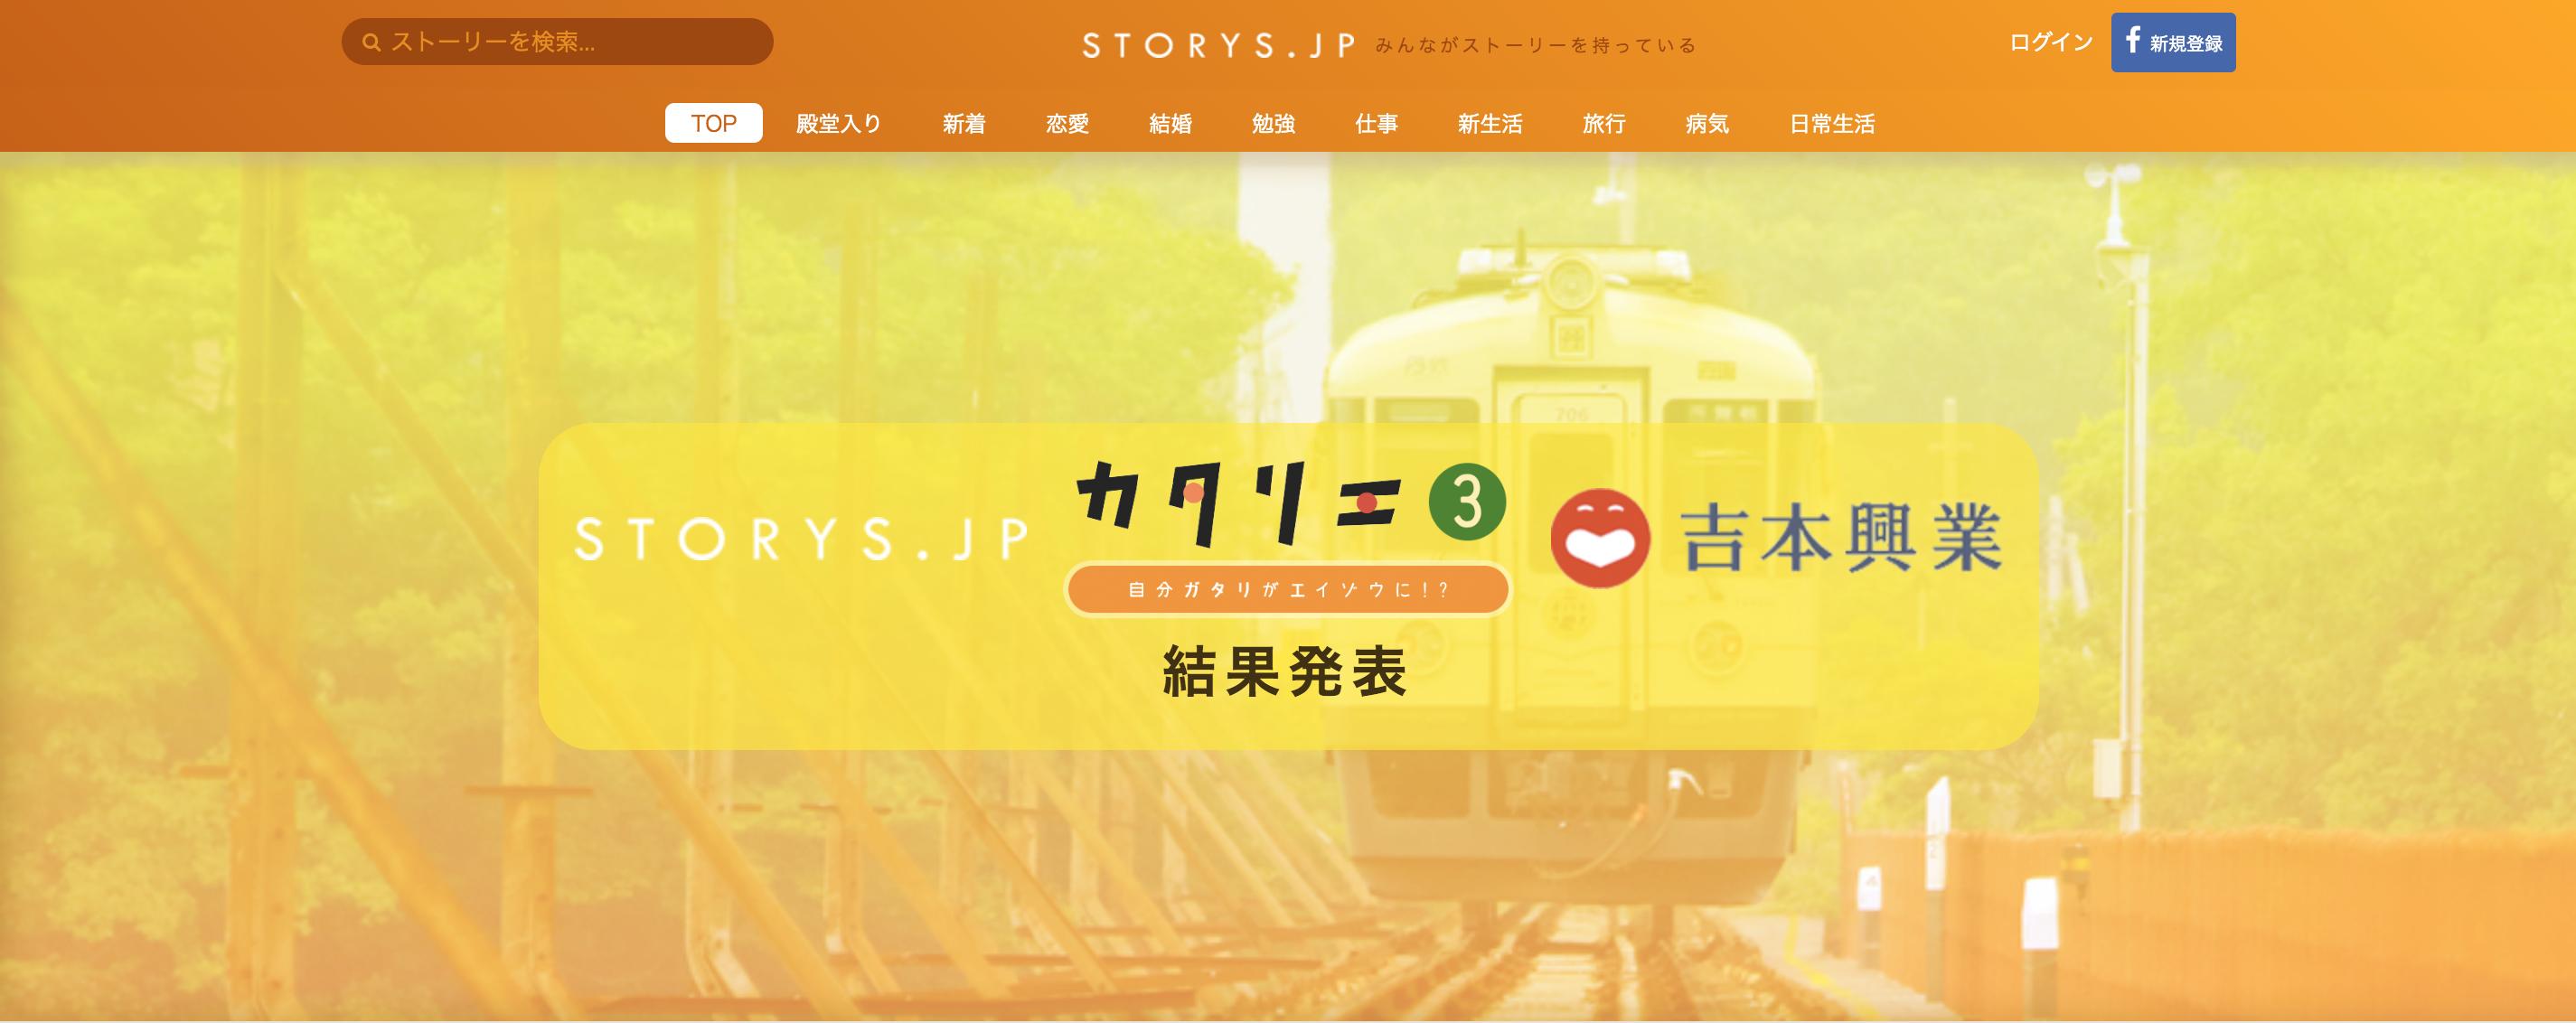 STORYS.JP